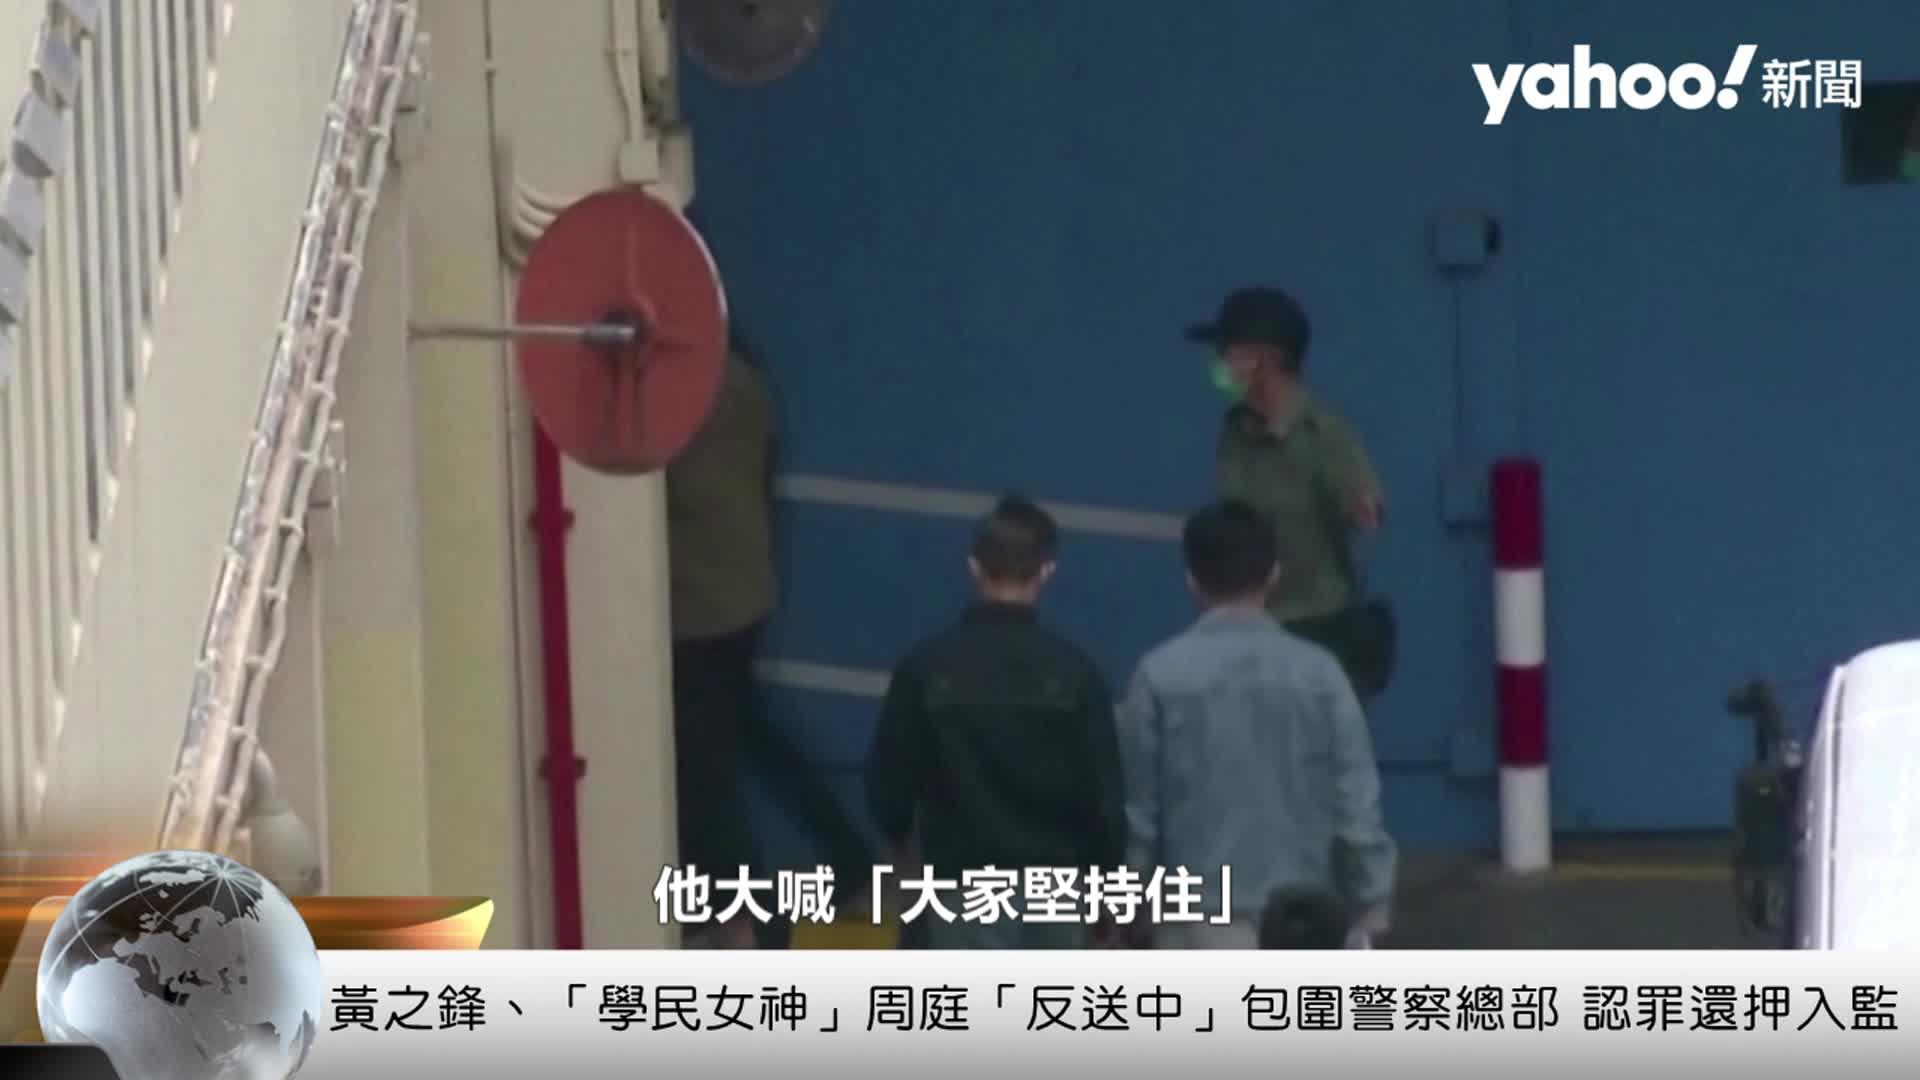 黃之鋒、「學民女神」周庭「反送中」包圍警察總部 認罪還押入監